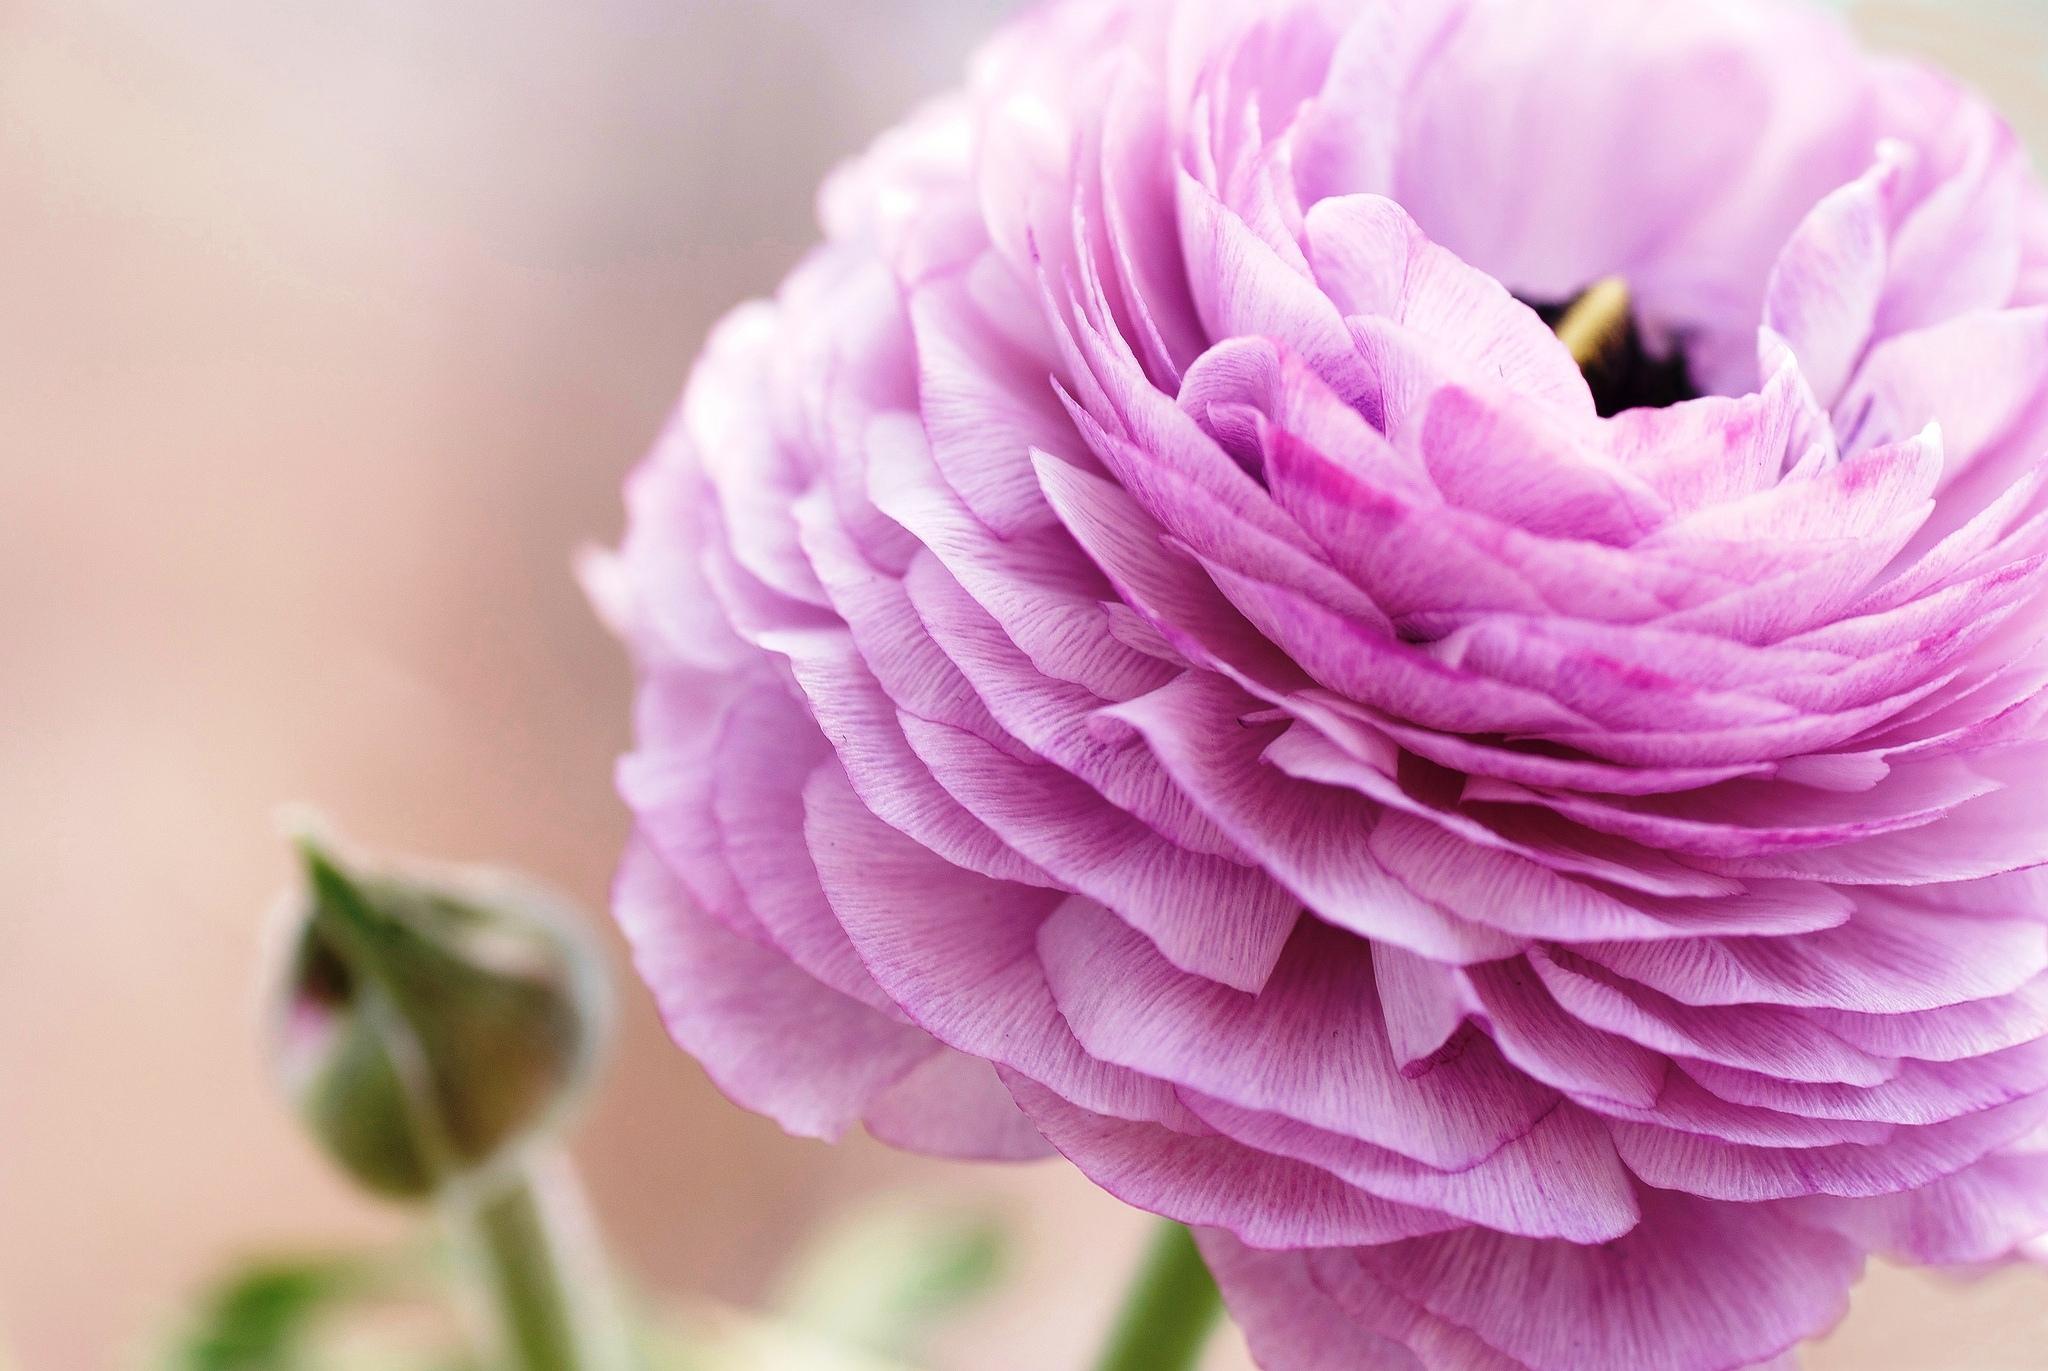 образом легко картинки на рабочий стол цветы лютики расшифровка объяснение